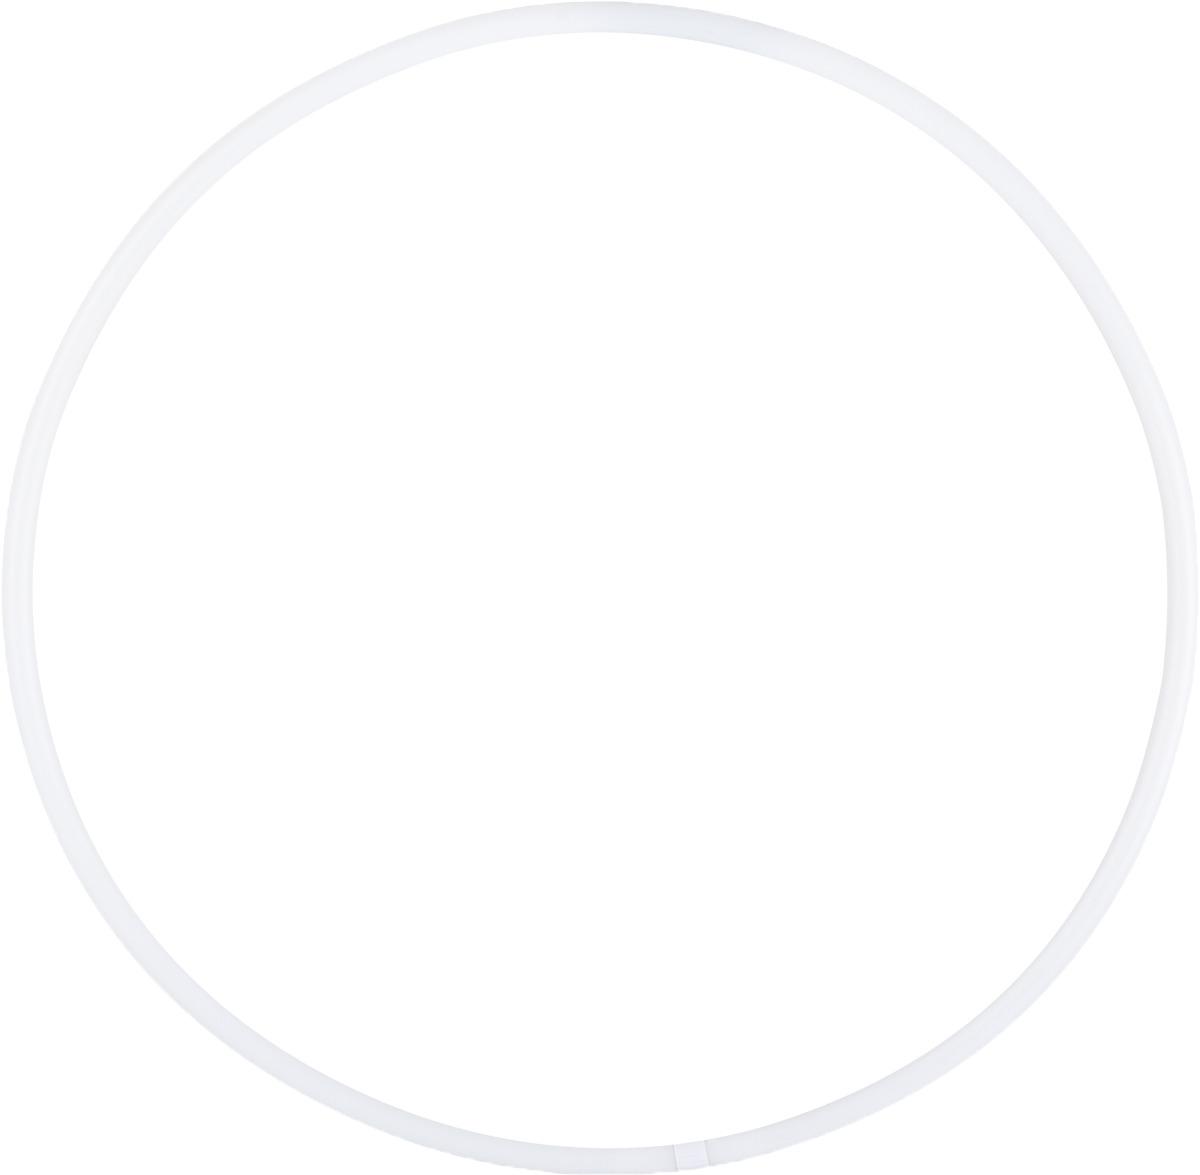 Обруч для художественной гимнастики Amely AGO-101, диаметр 75 см, цвет: белый мяч для художественной гимнастики amely agr 101 диаметр 15 см цвет синий белый